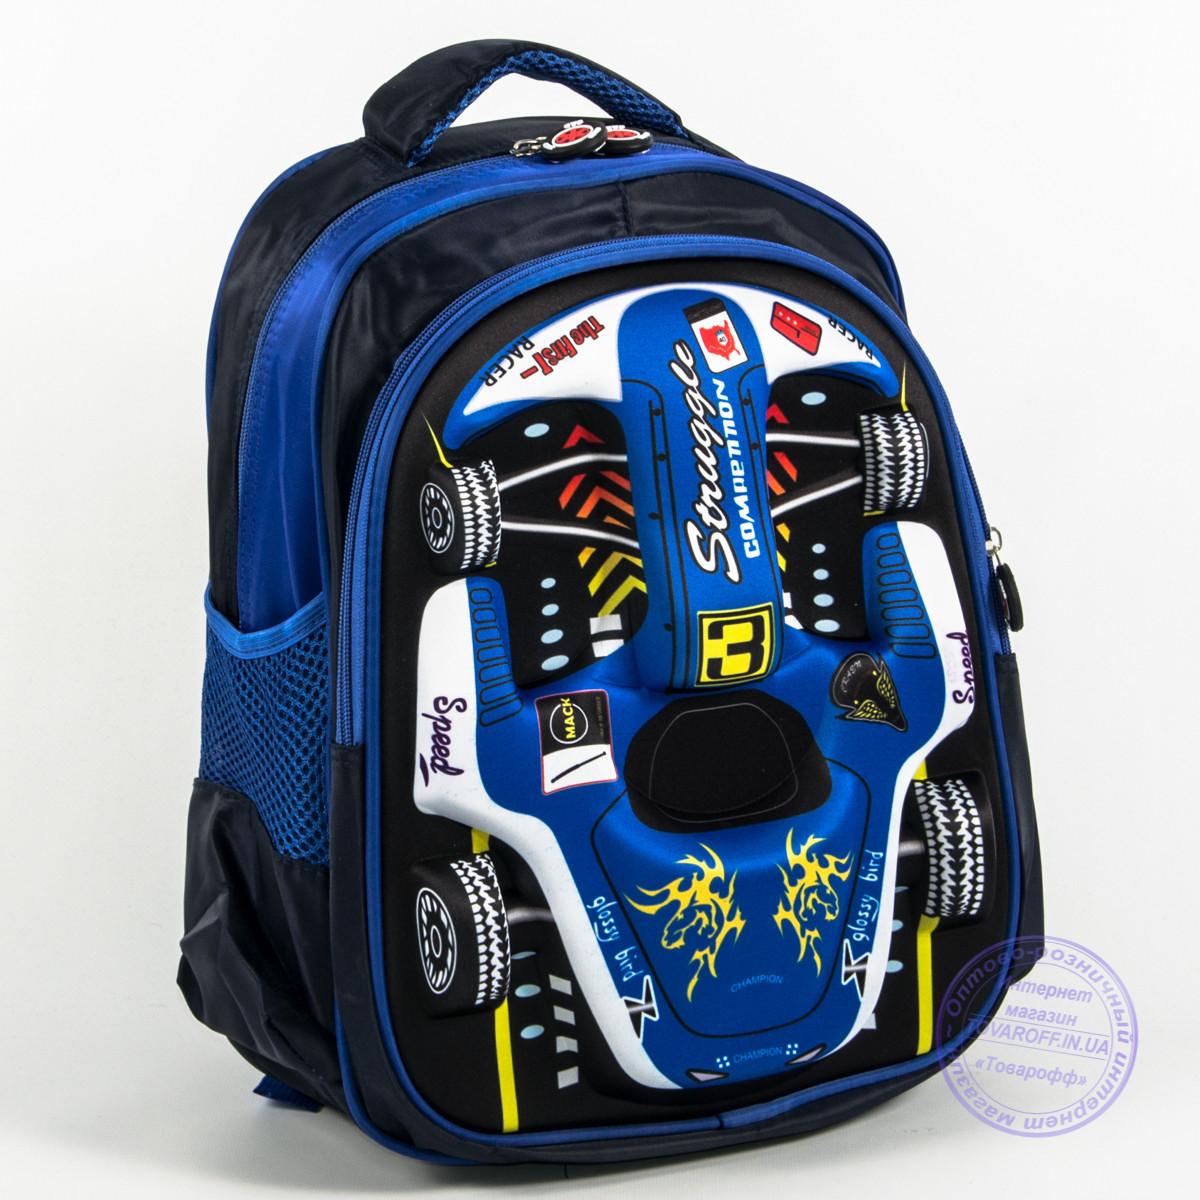 7c530489e66c Школьный рюкзак для мальчика 3D машина - синий - 129: заказ, цены в ...